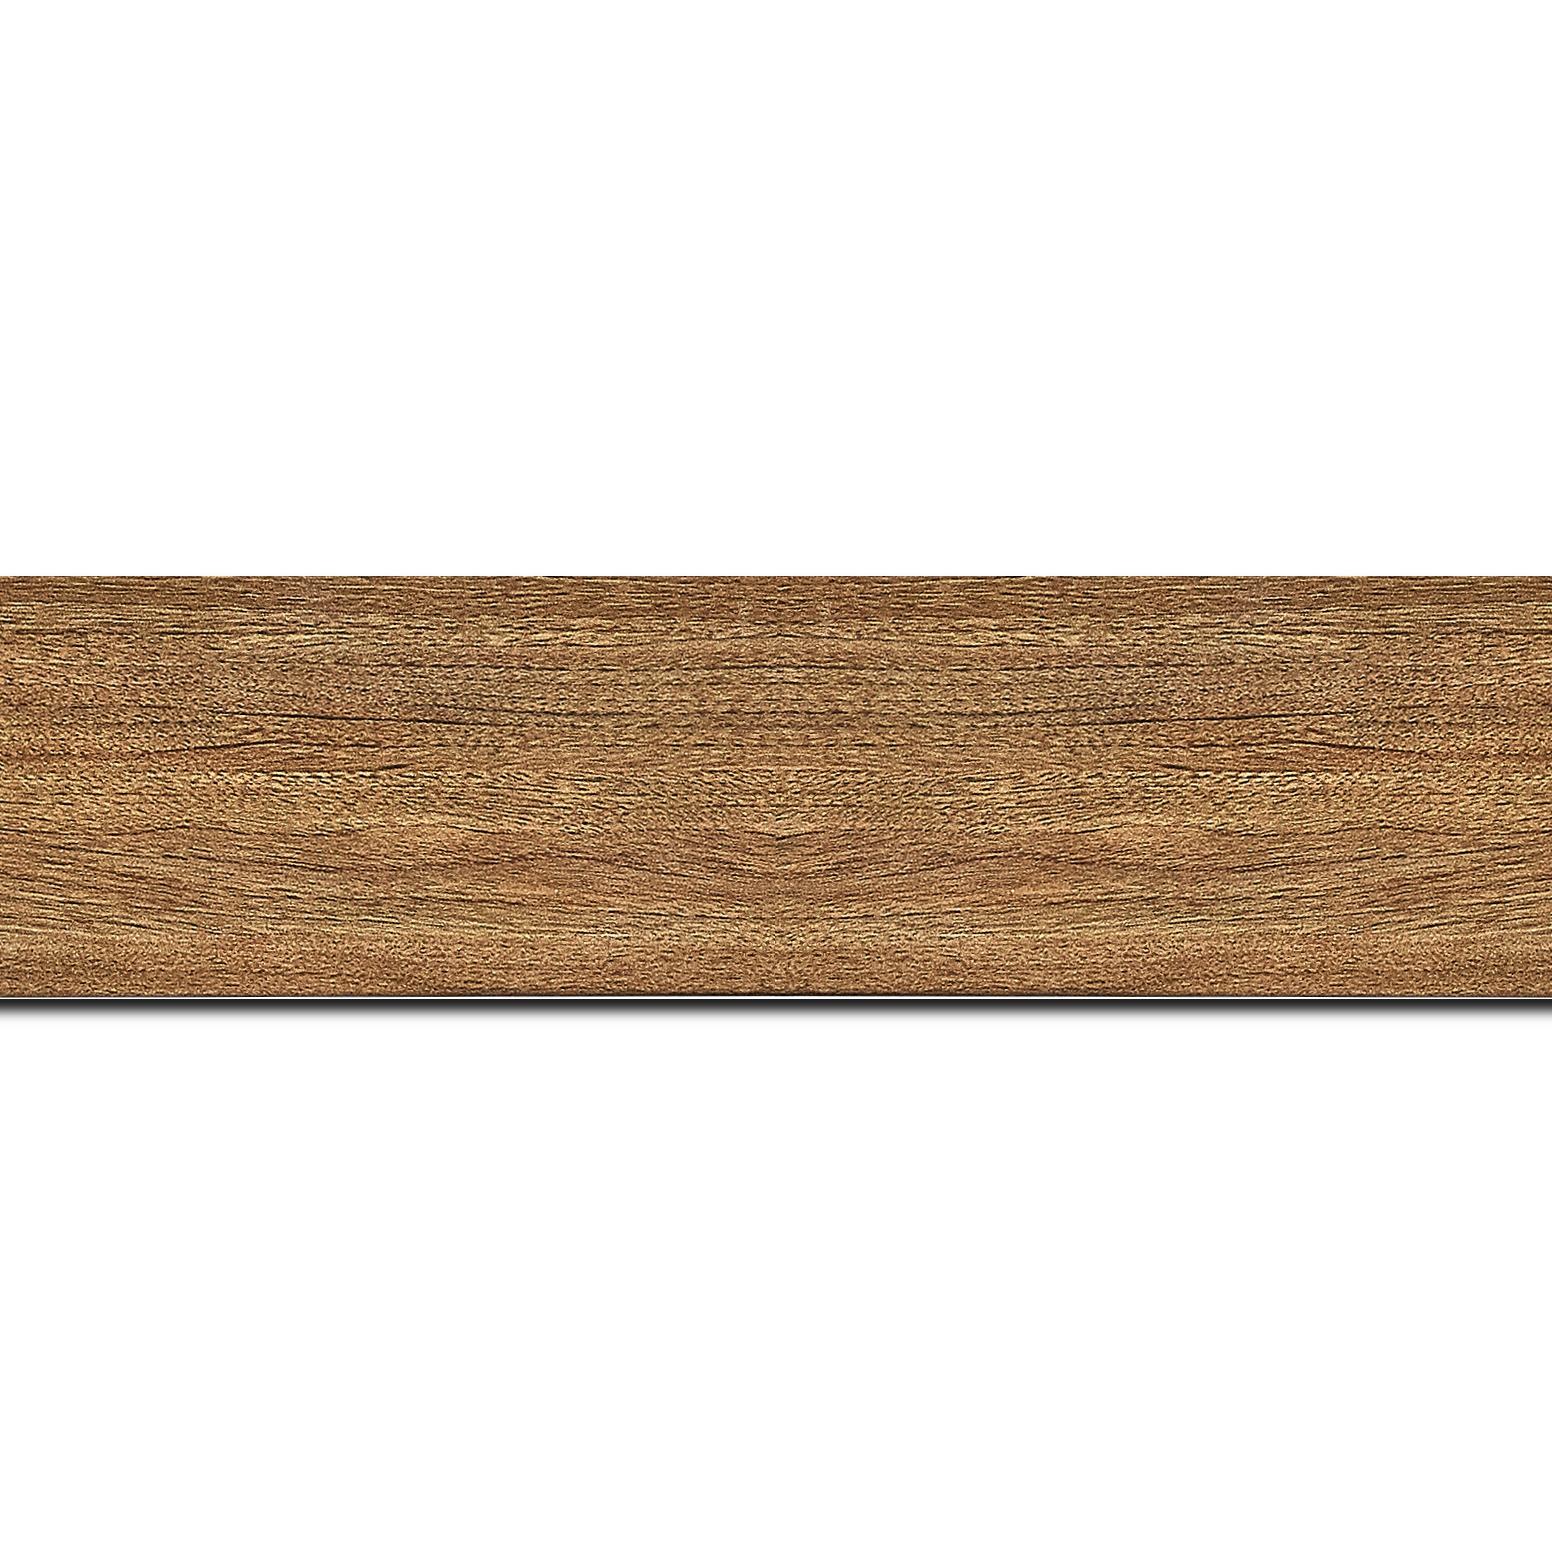 Pack par 12m, bois profil plat largeur 4.2cm décor bois chêne doré(longueur baguette pouvant varier entre 2.40m et 3m selon arrivage des bois)